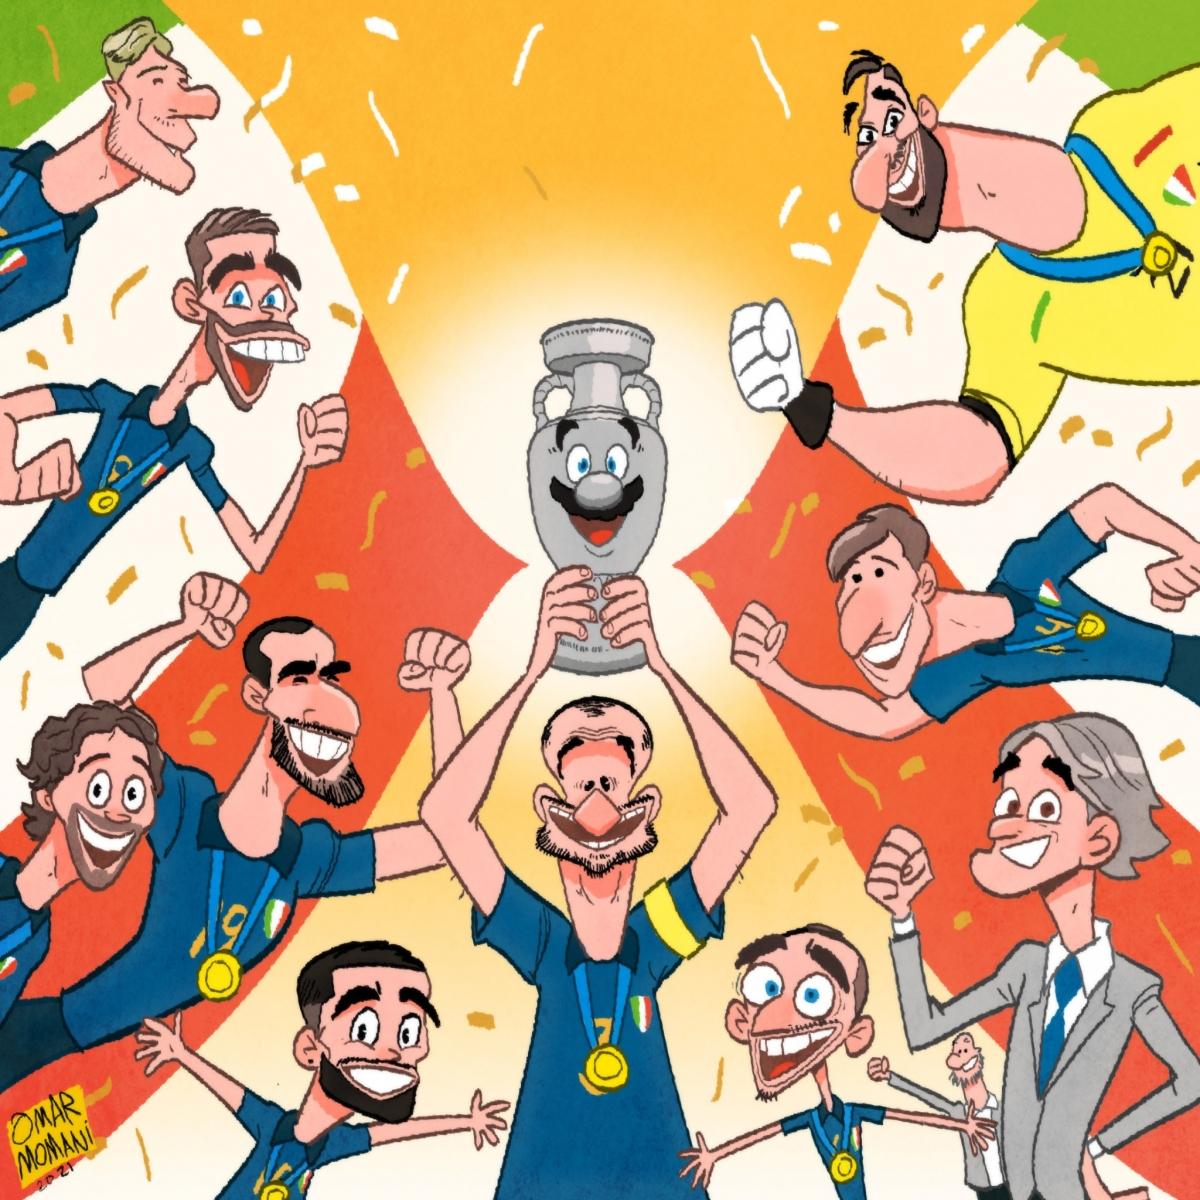 Biếm họa 24h: ĐT Việt Nam căng mình đua vé dự World Cup 2022 - Ảnh 3.